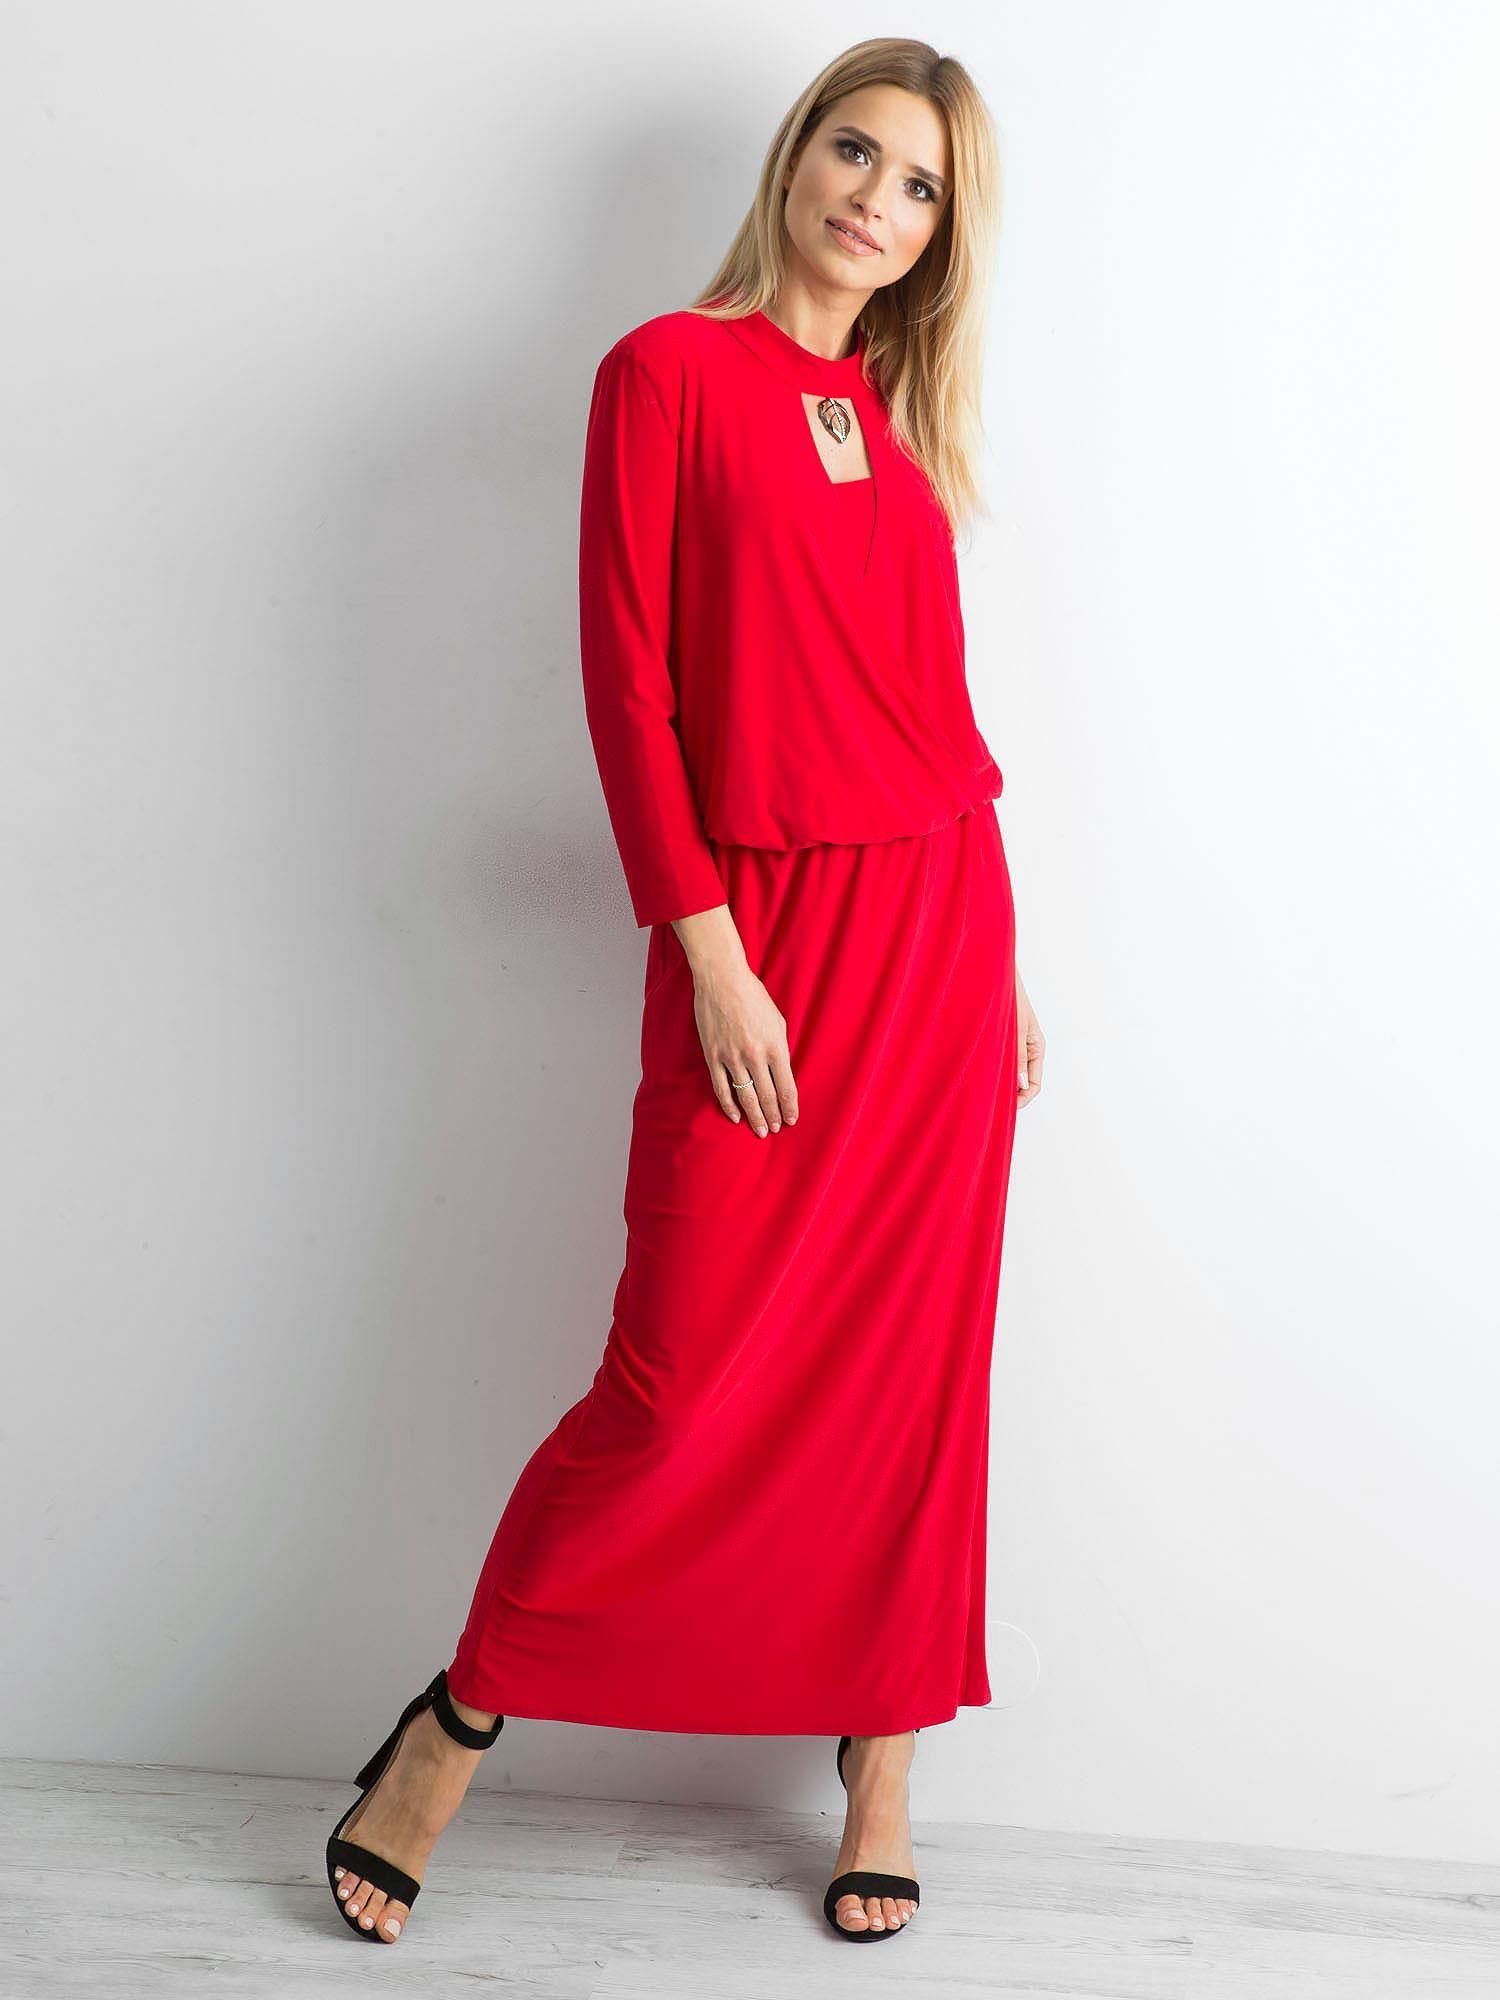 e988b9c298 Czerwona sukienka maxi z wycięciem - Sukienka wieczorowa - sklep ...